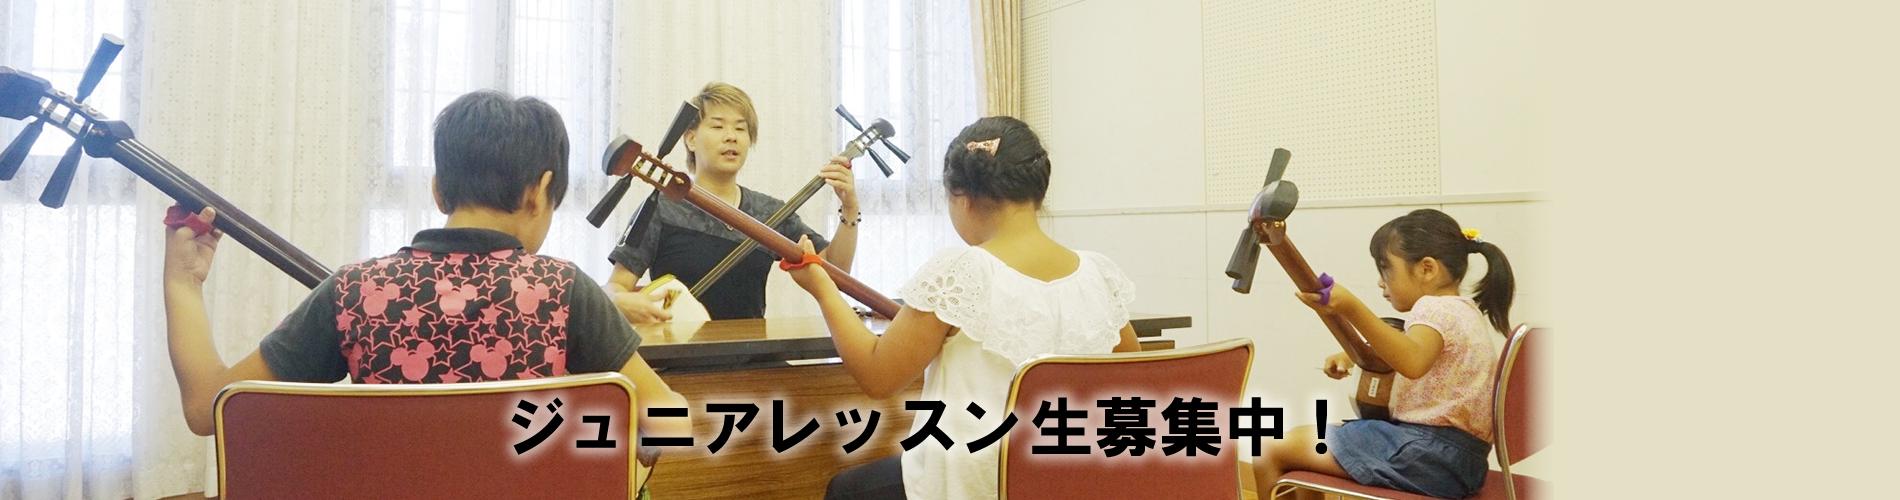 津軽三味線 教室 神戸 ジュニアレッスン